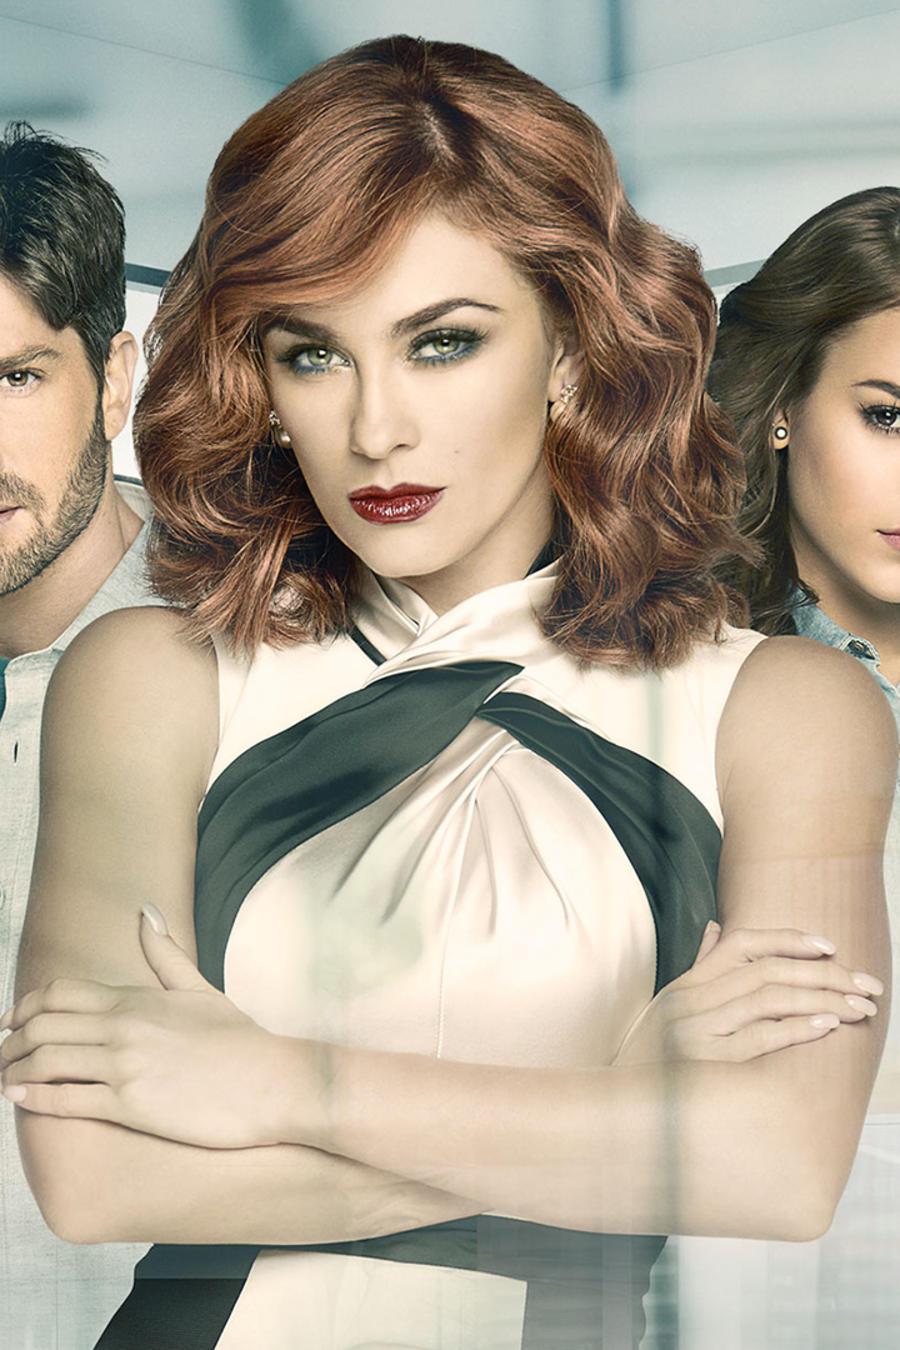 Aracely Arámbula, David Chocarro y Danna Paola en La Doña